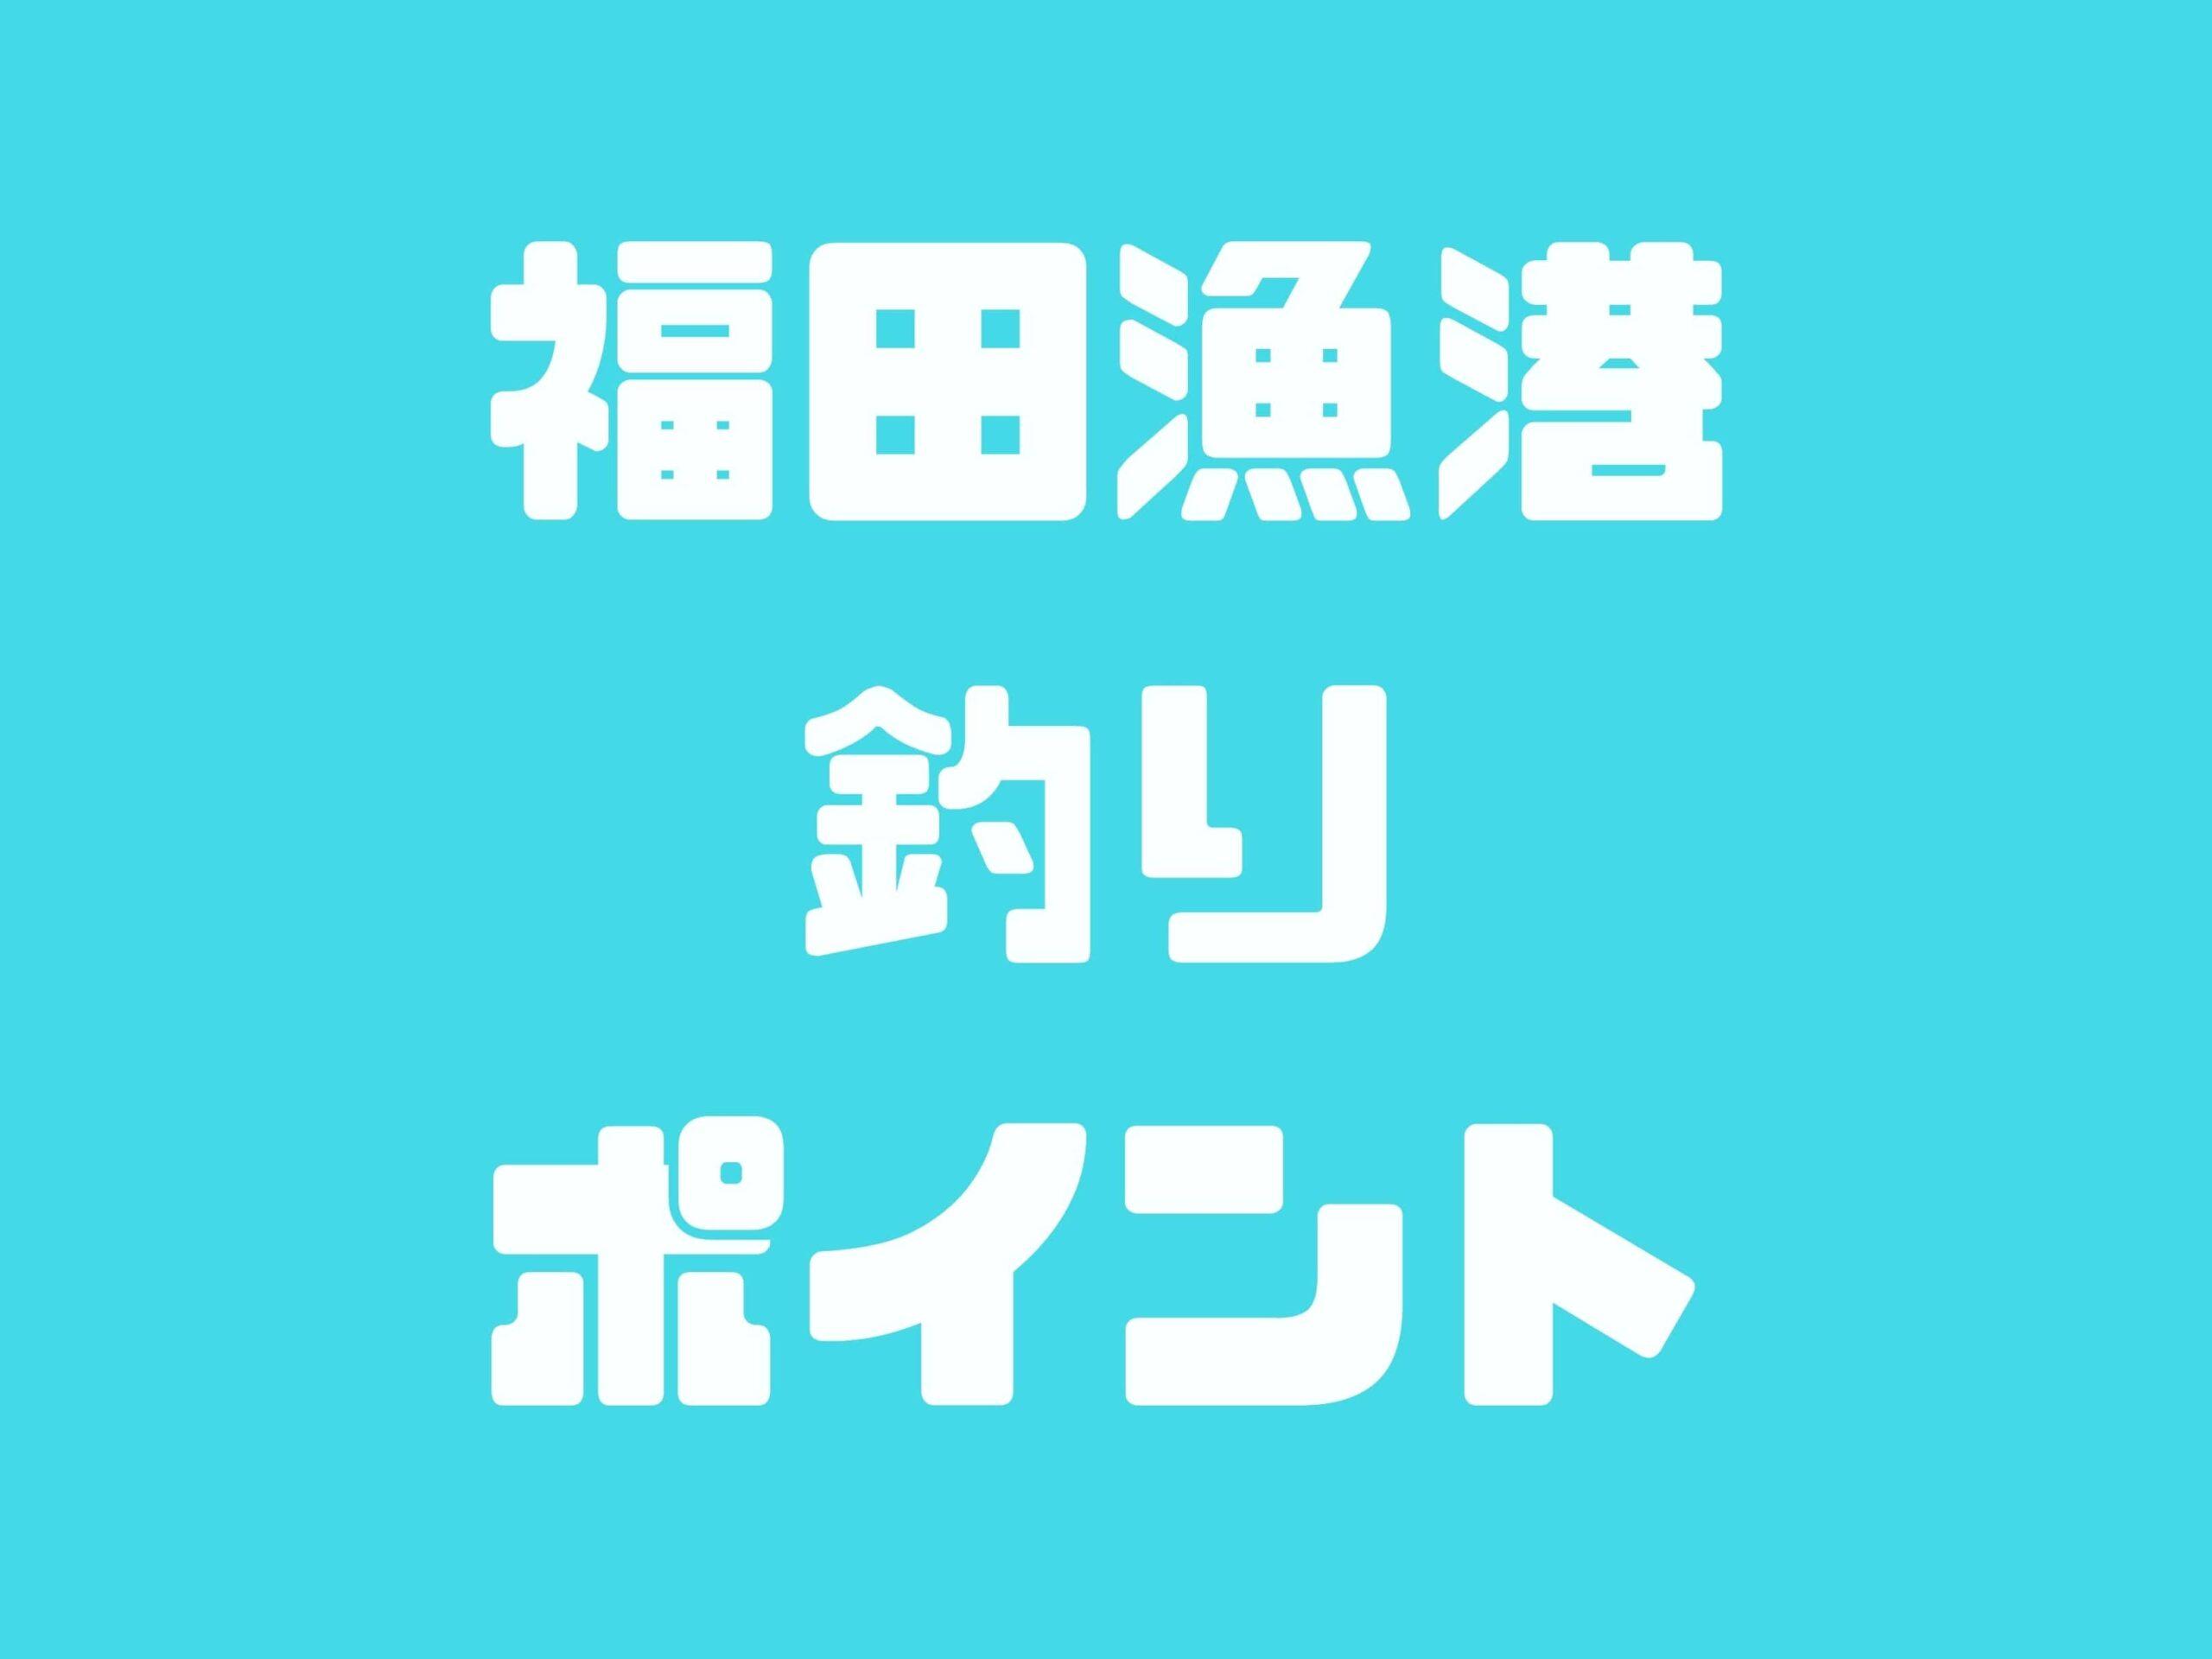 【福田漁港】チヌ・キス・アジ・ボラ・マゴチ・ヒラメが釣れるポイントです